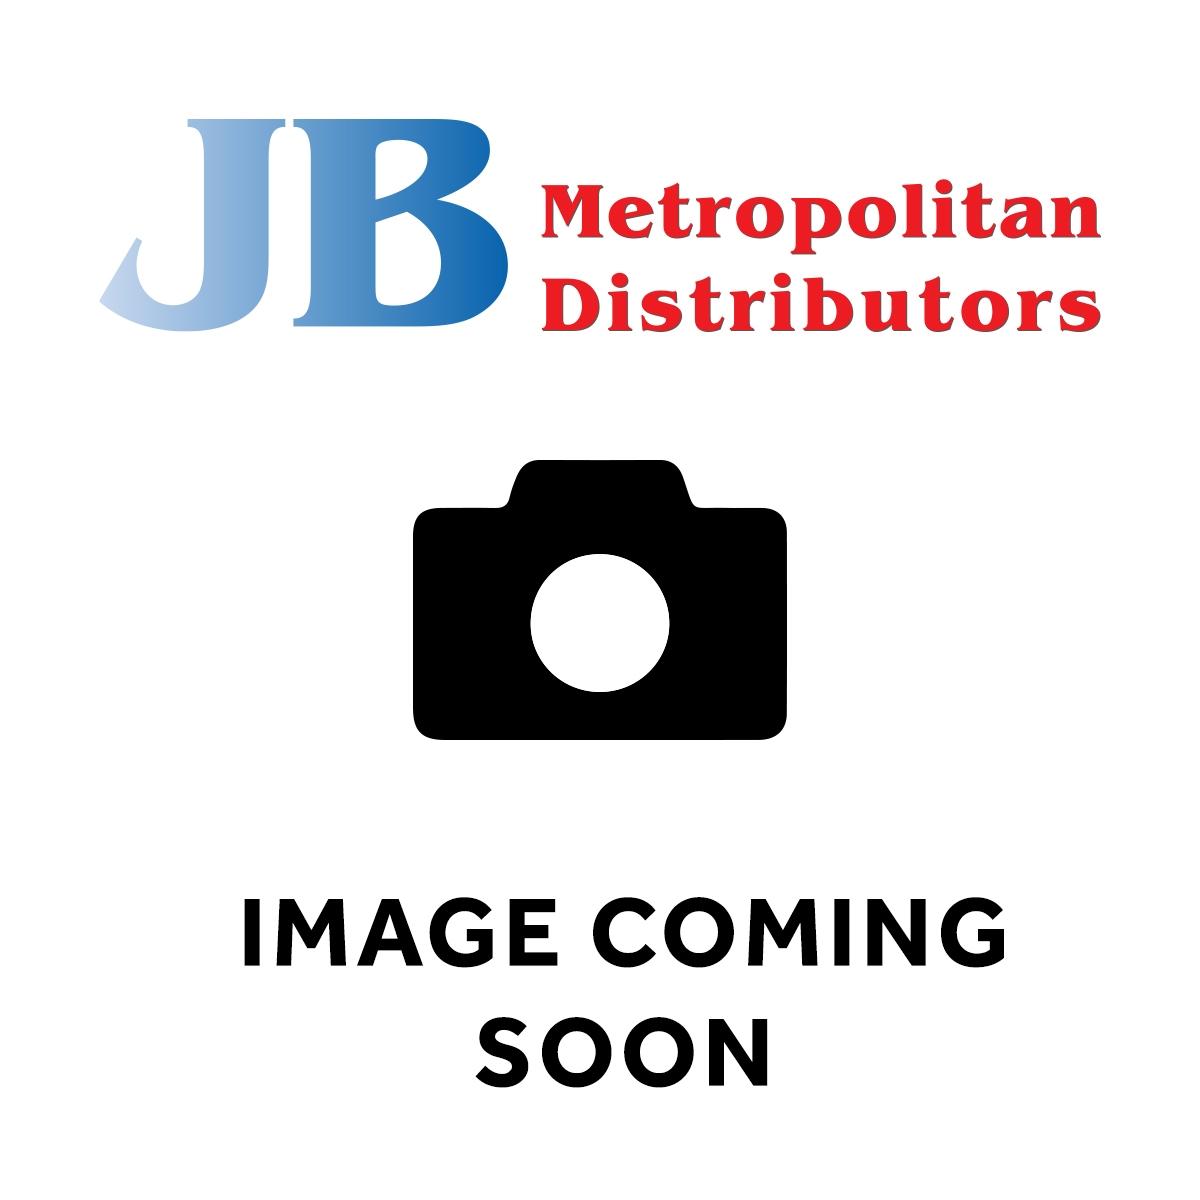 110G CC'S CORNADO SOUR CREAM & CHIVES